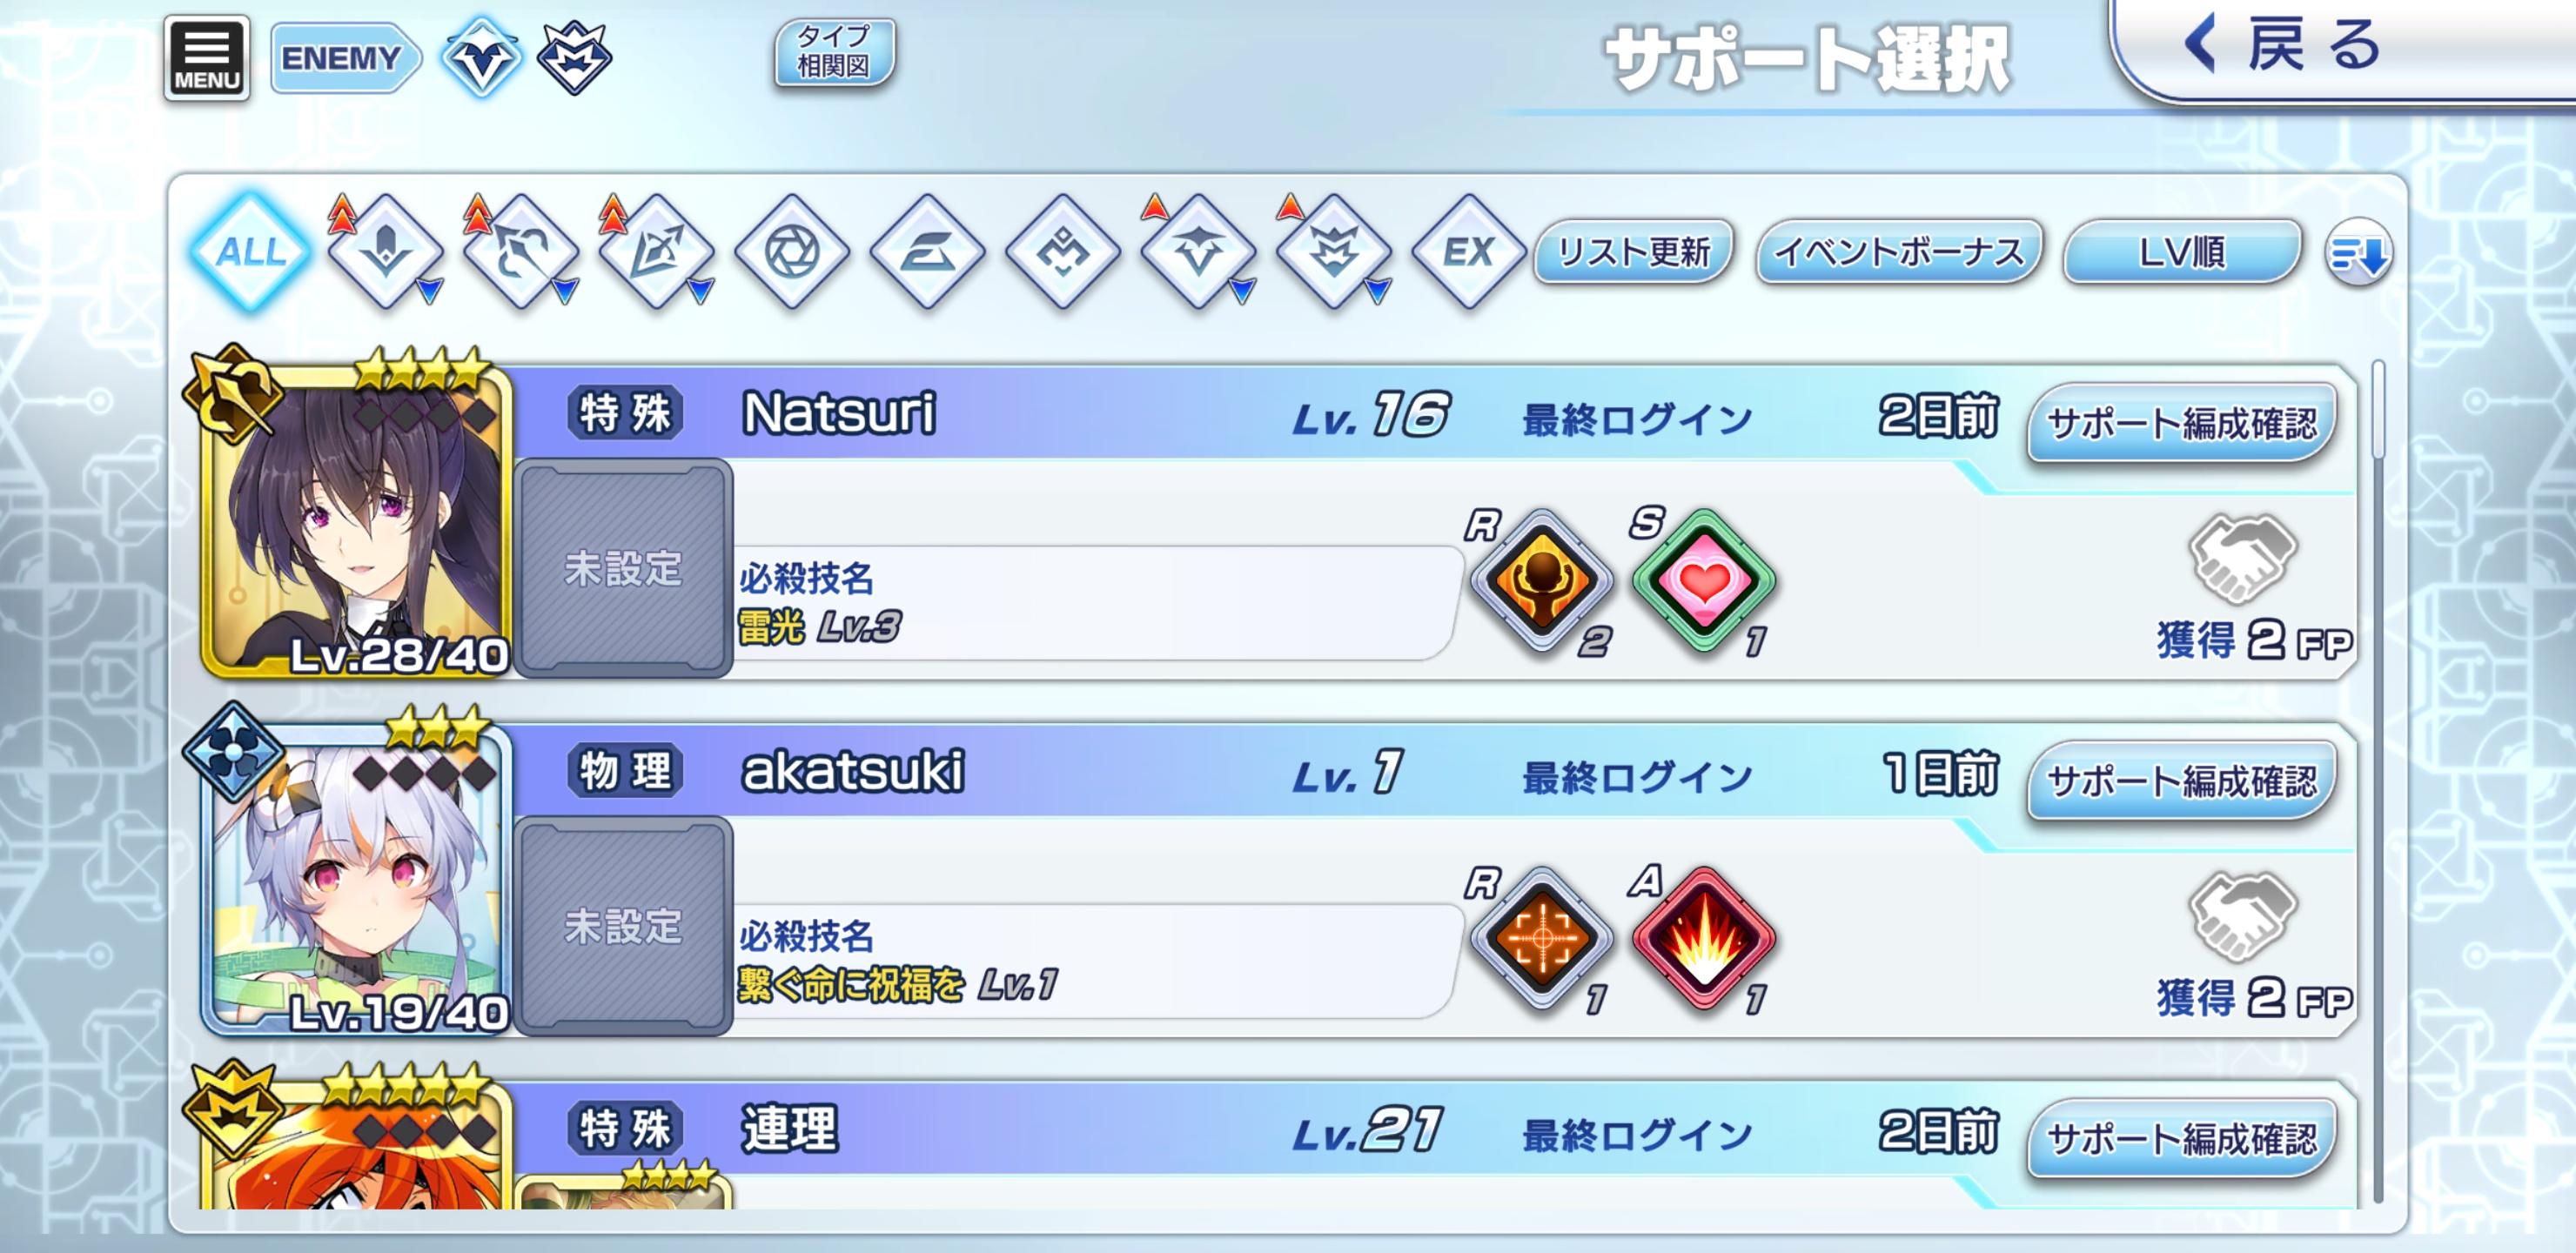 クエストによっては限定キャラクターを使用できることもあるが、サポートは基本的に他プレーヤーが設定したキャラクターを借りることになる